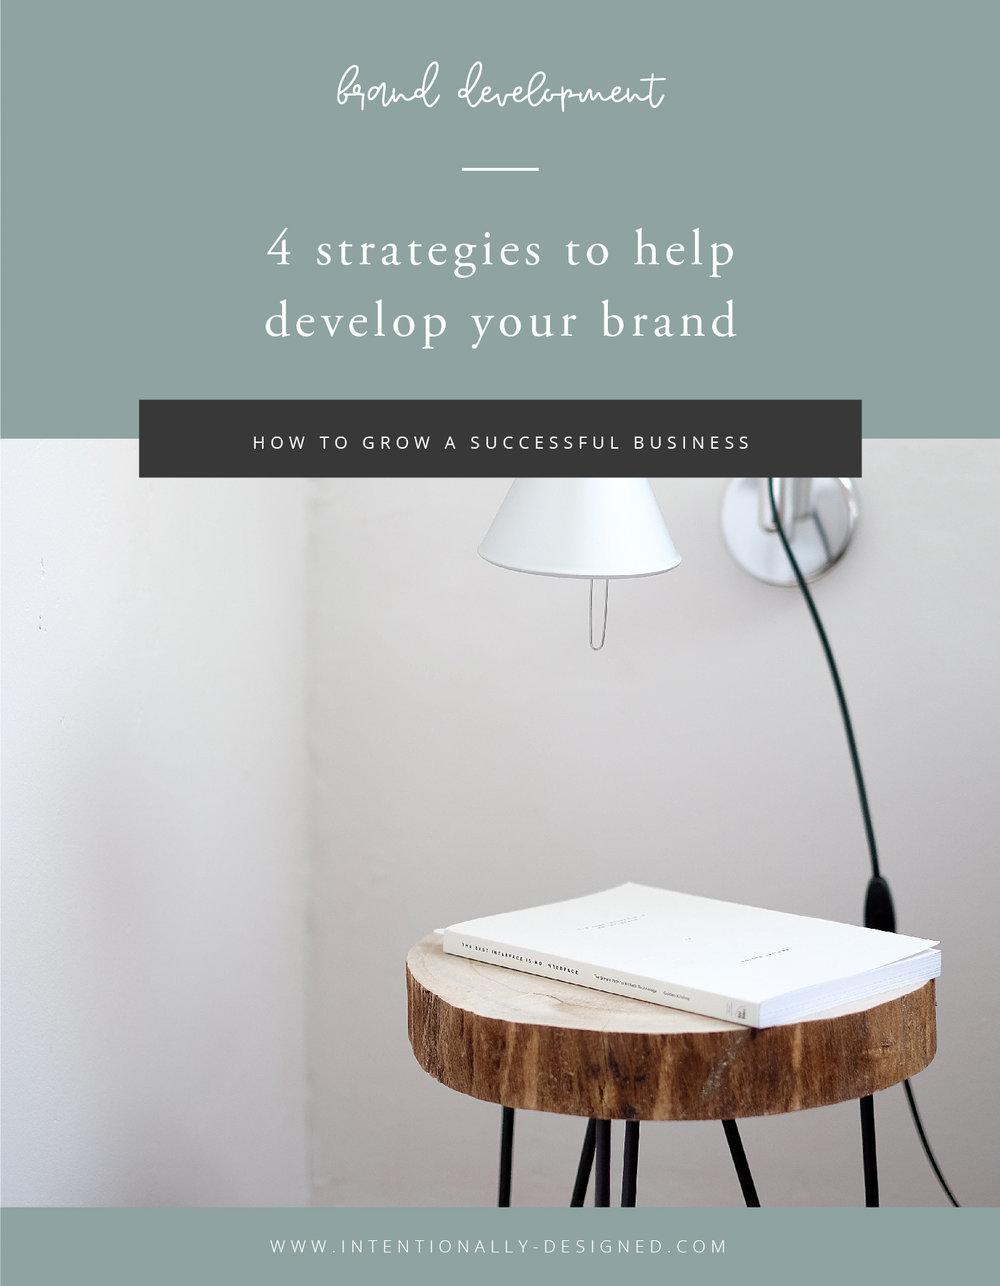 4 strategies to develop brand